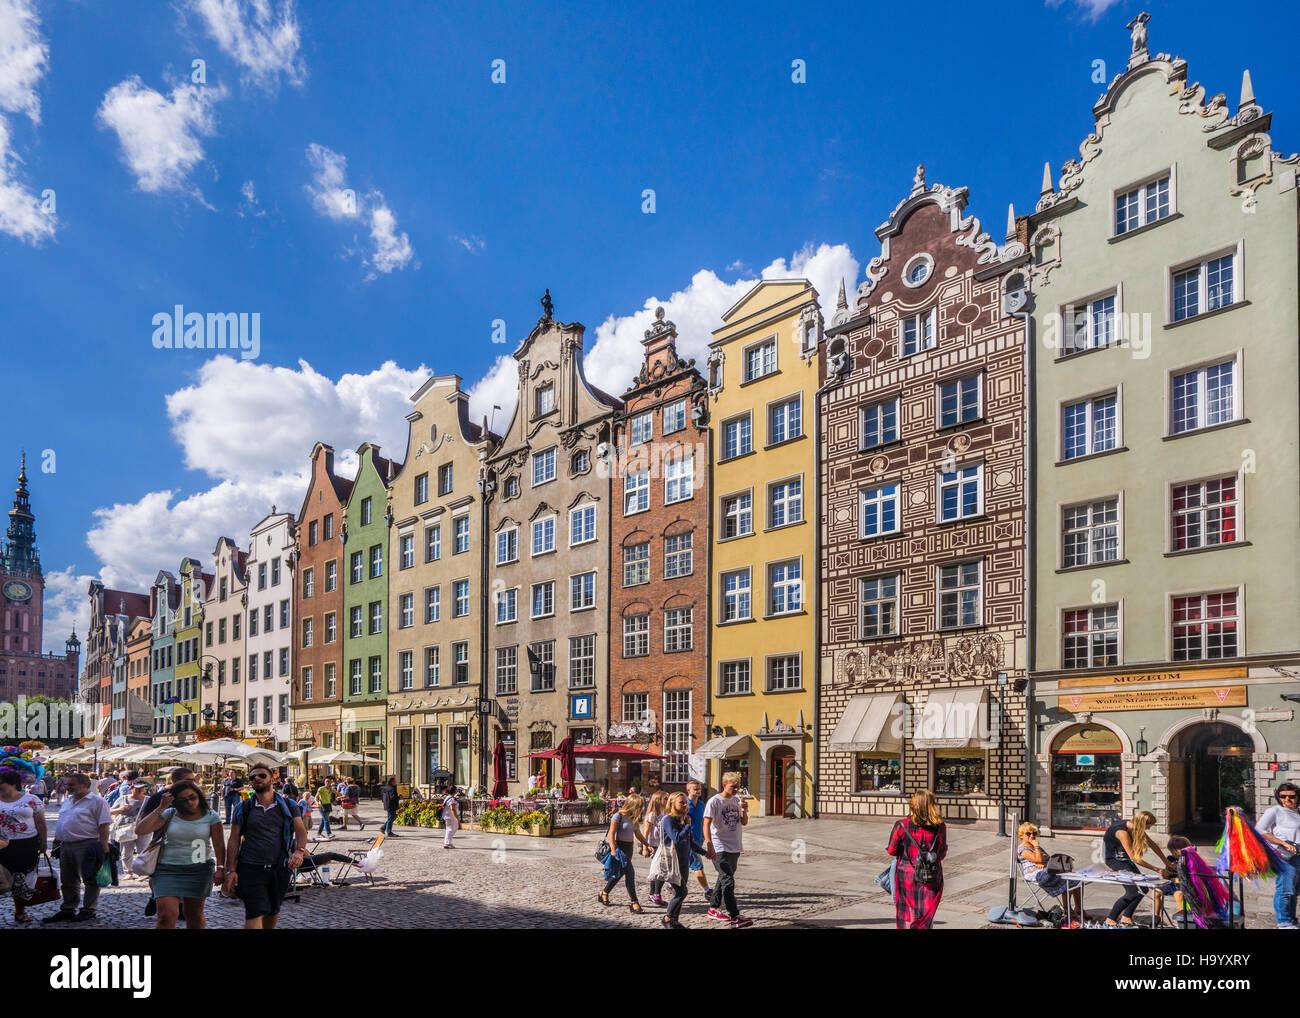 Poland, Pomerania, Gdansk (Danzig), patrician houses at Long Market (Langer Markt/Dlugi Targ) Stock Photo